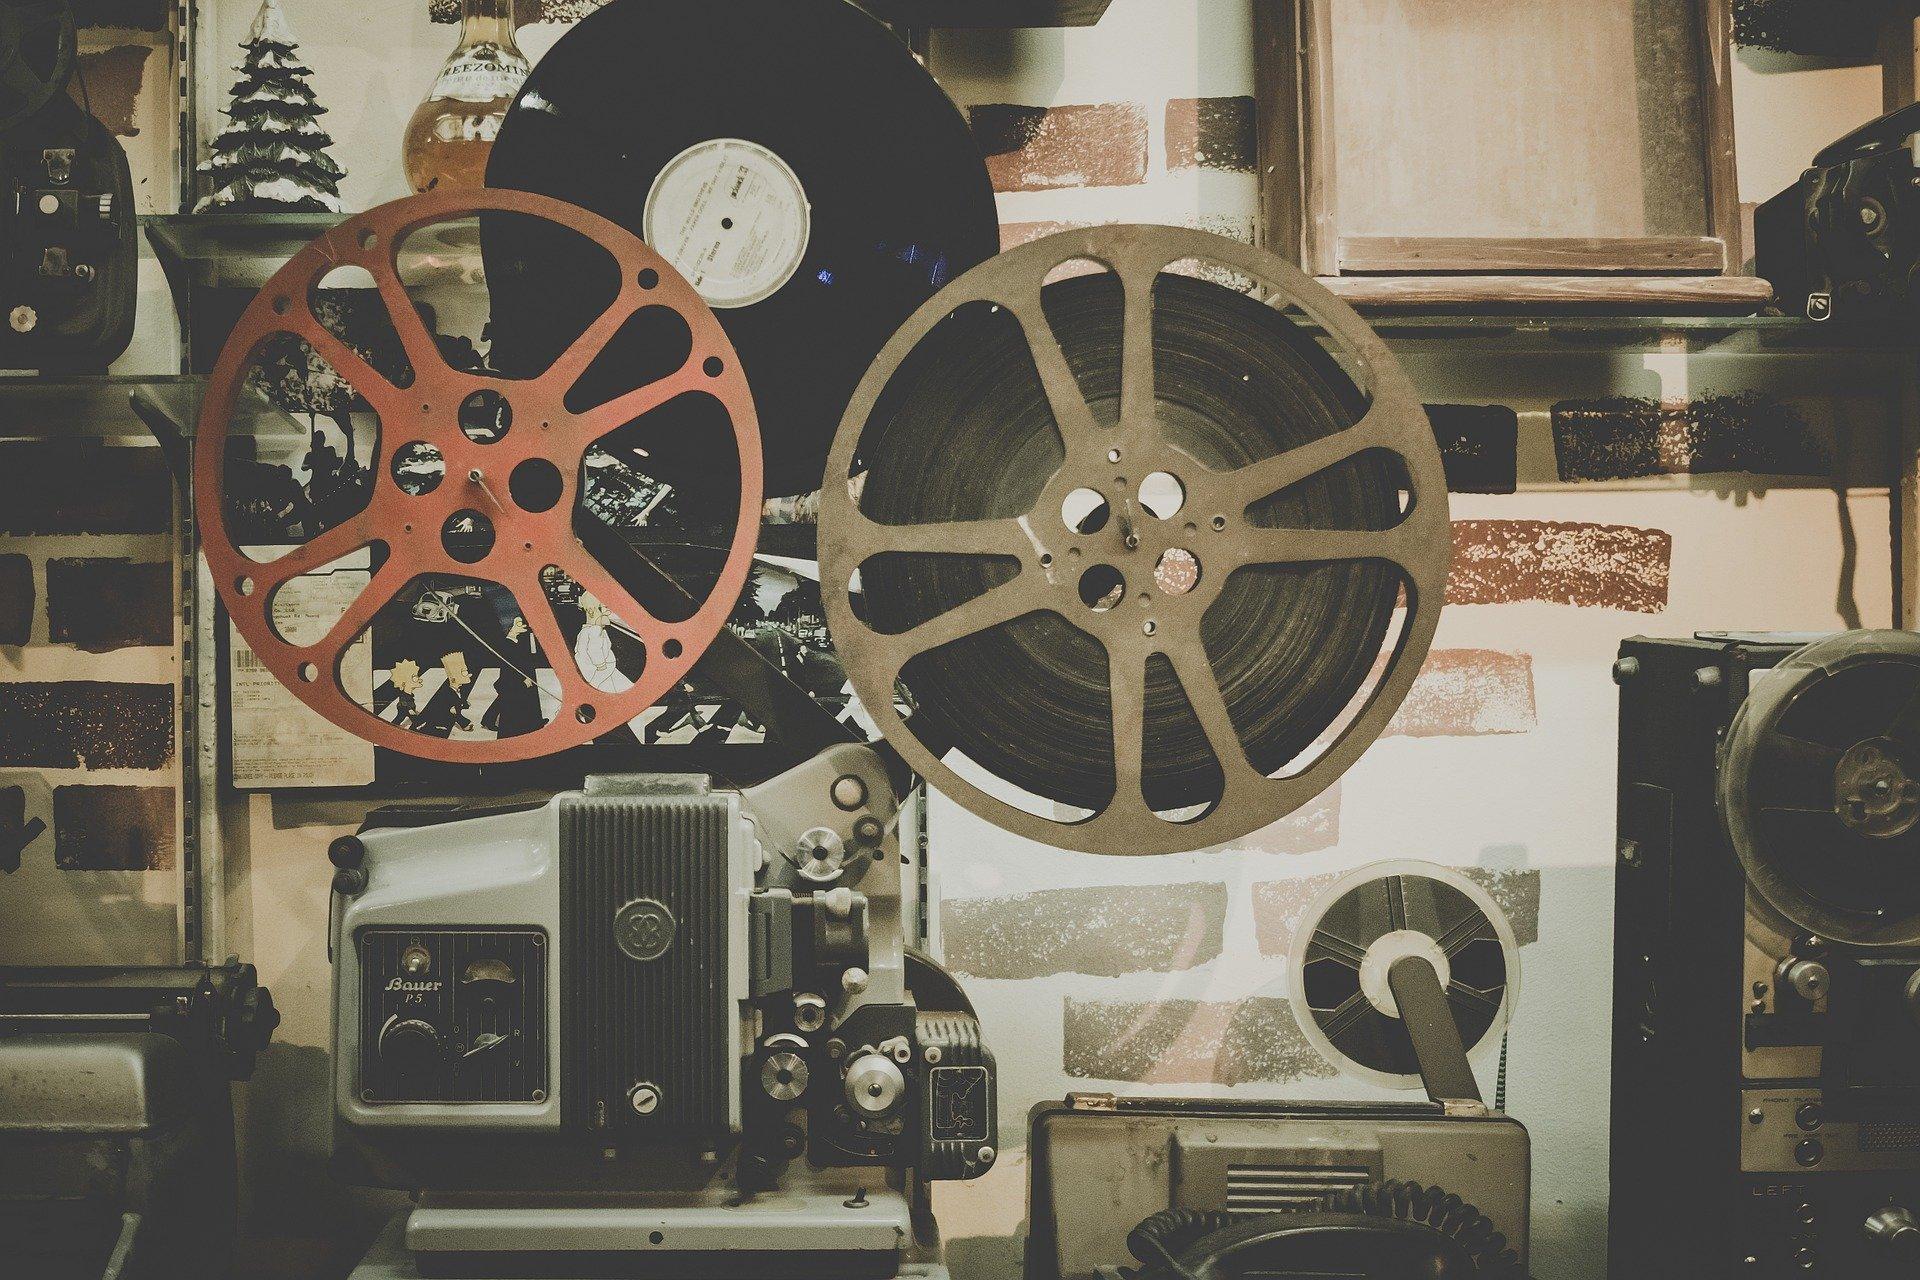 Film projectors